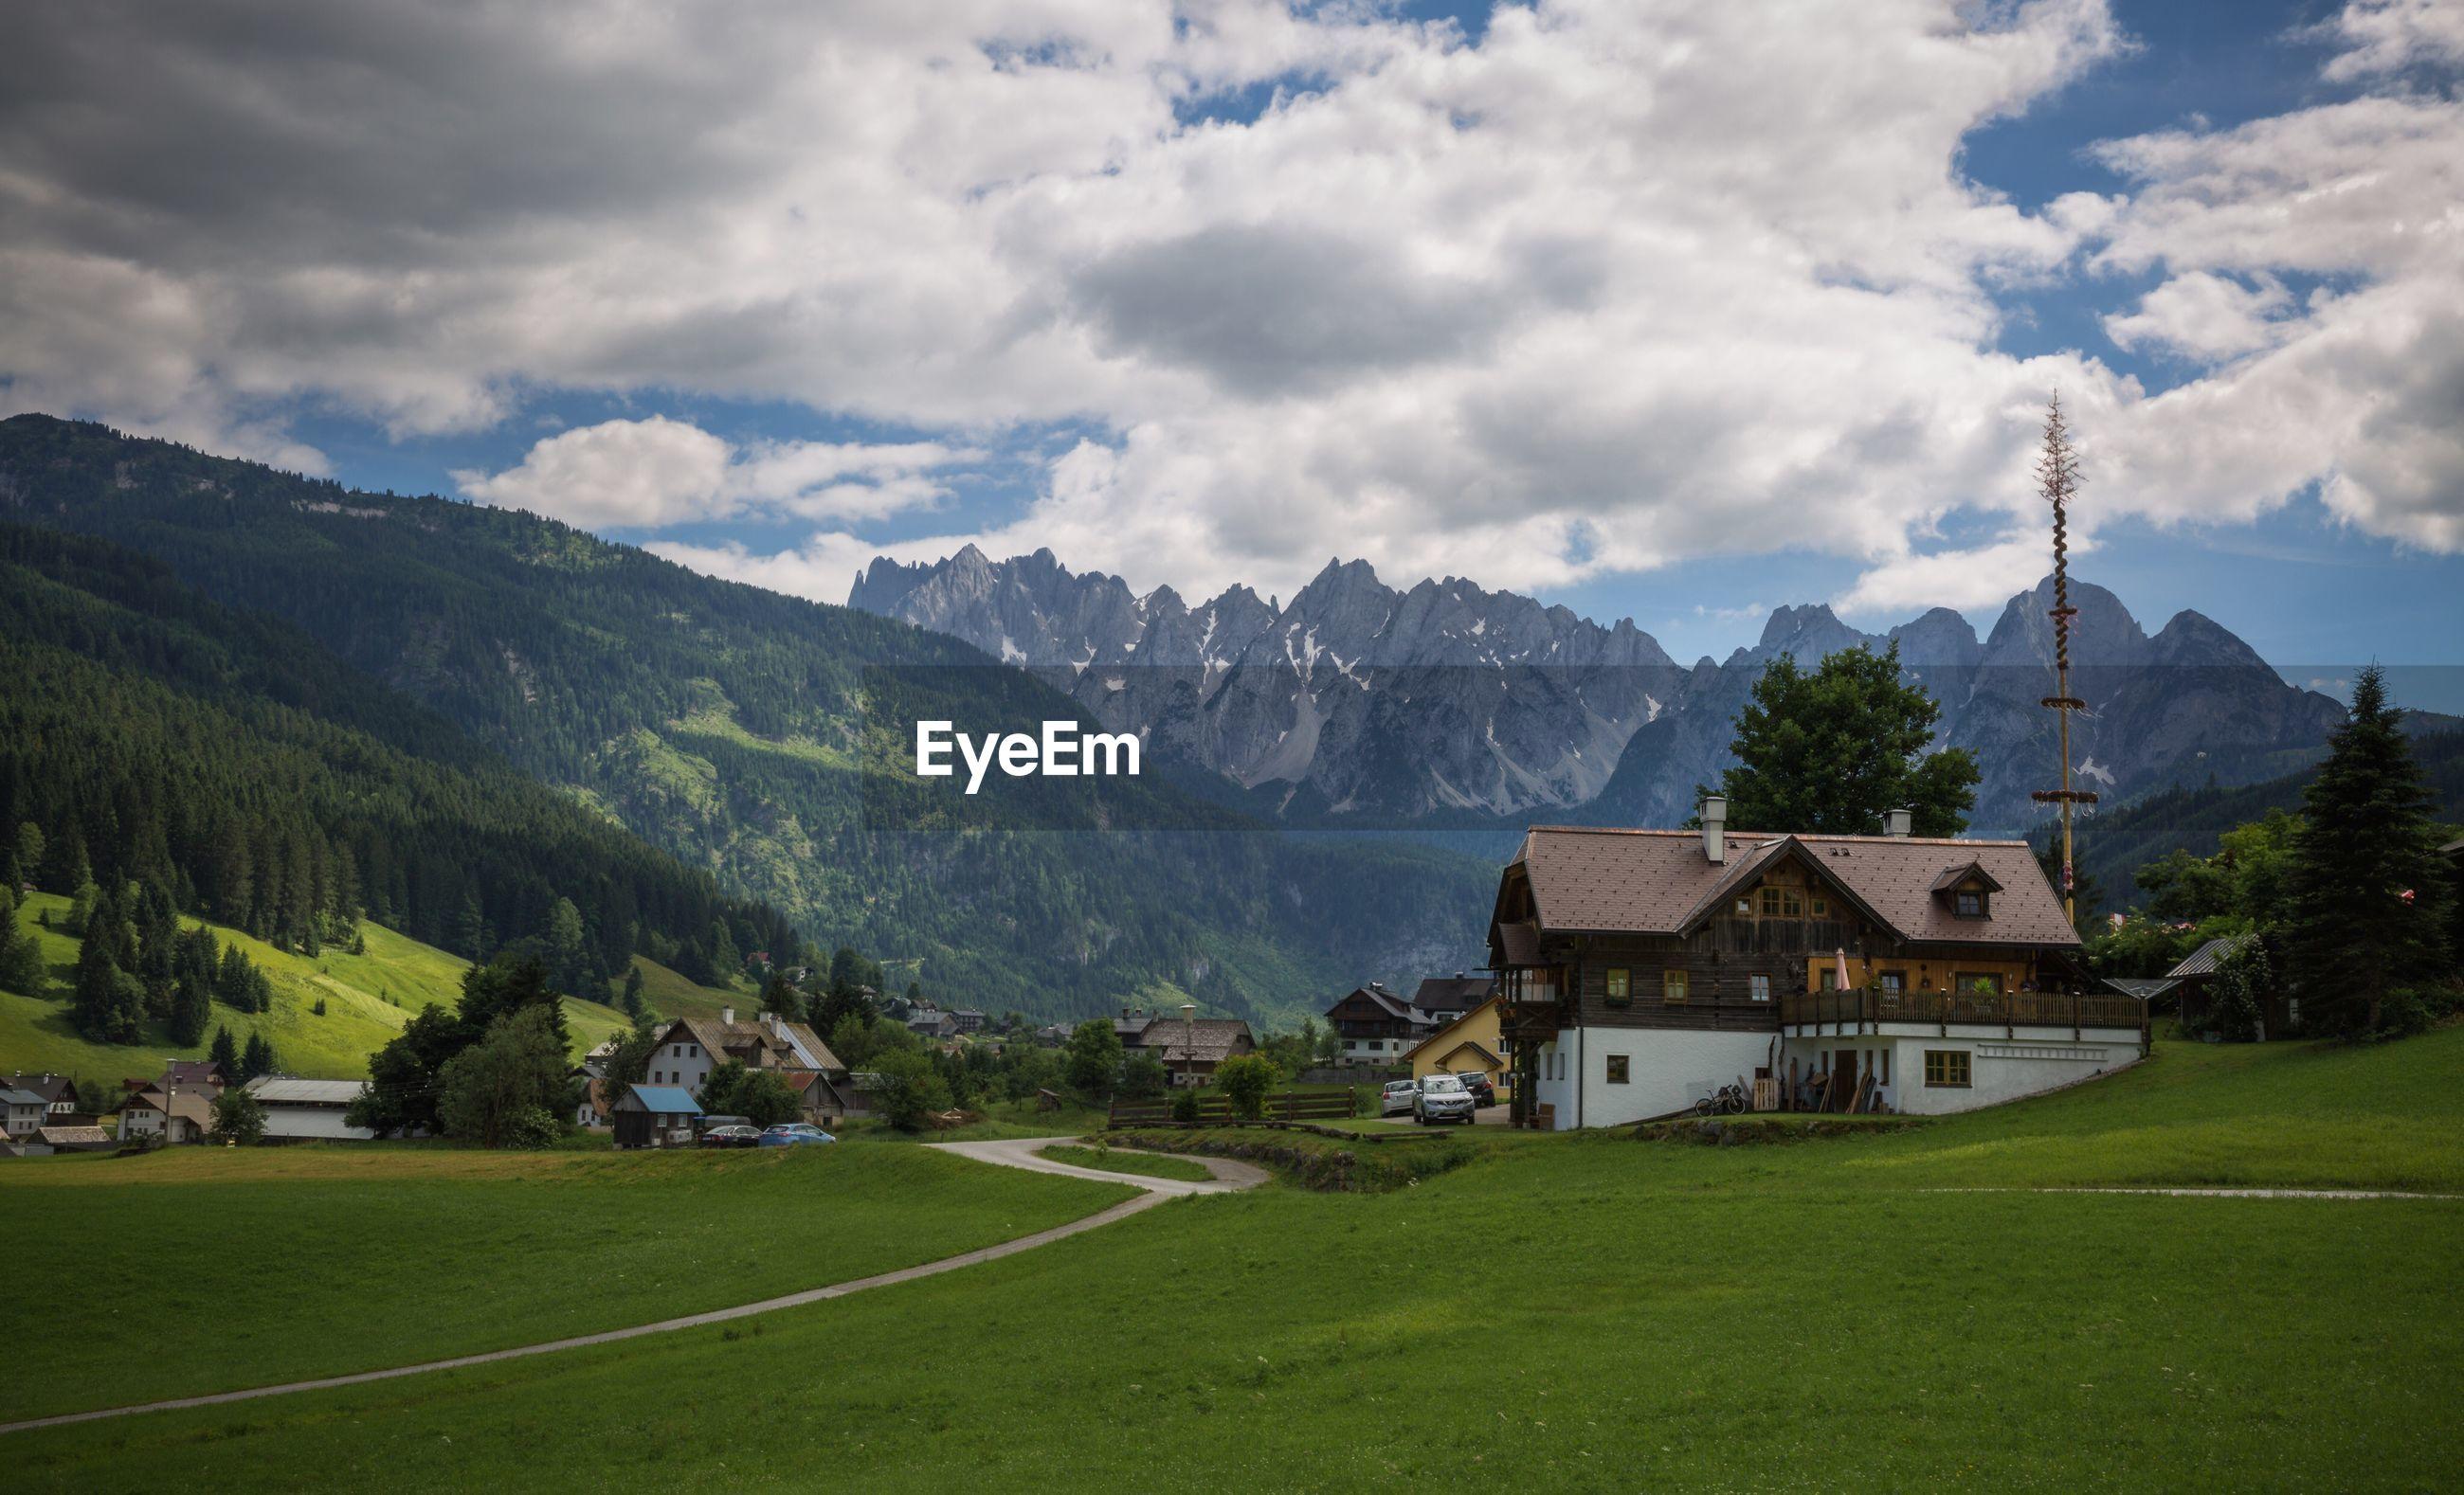 HOUSES ON LANDSCAPE AGAINST MOUNTAIN RANGE